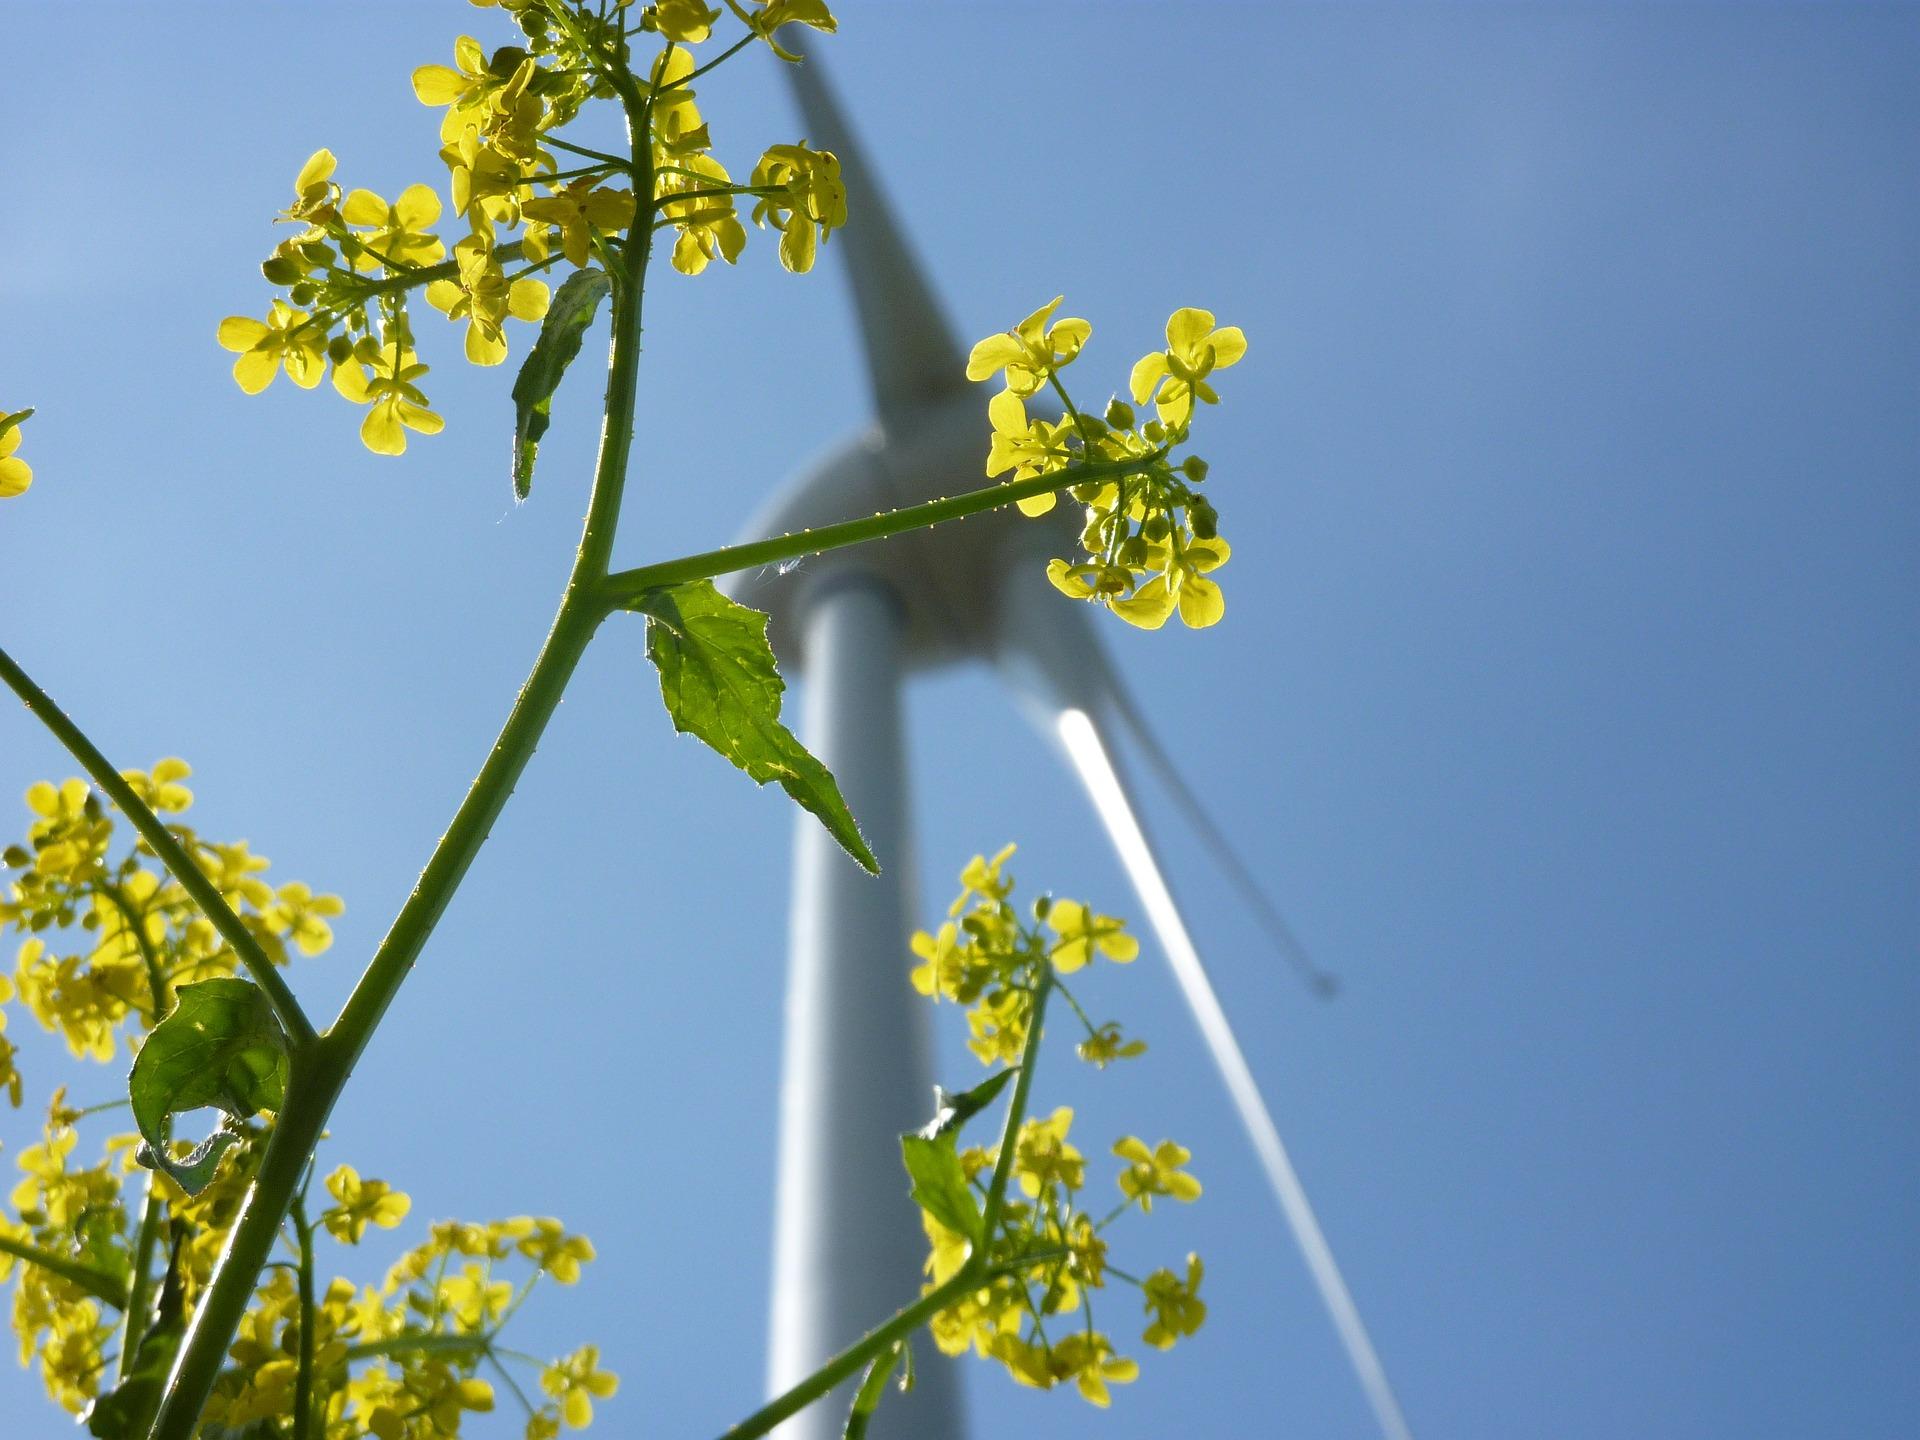 9. Alle Stromanbieter haben Ökostrom im Programm. Der ist entgegen des Mythos nicht teurer als konventioneller Strom. Regenerative Energien machten in Deutschland 2017 einen Anteil von rund 33% aus und schaffen mehr Arbeitsplätze als sie nehmen.